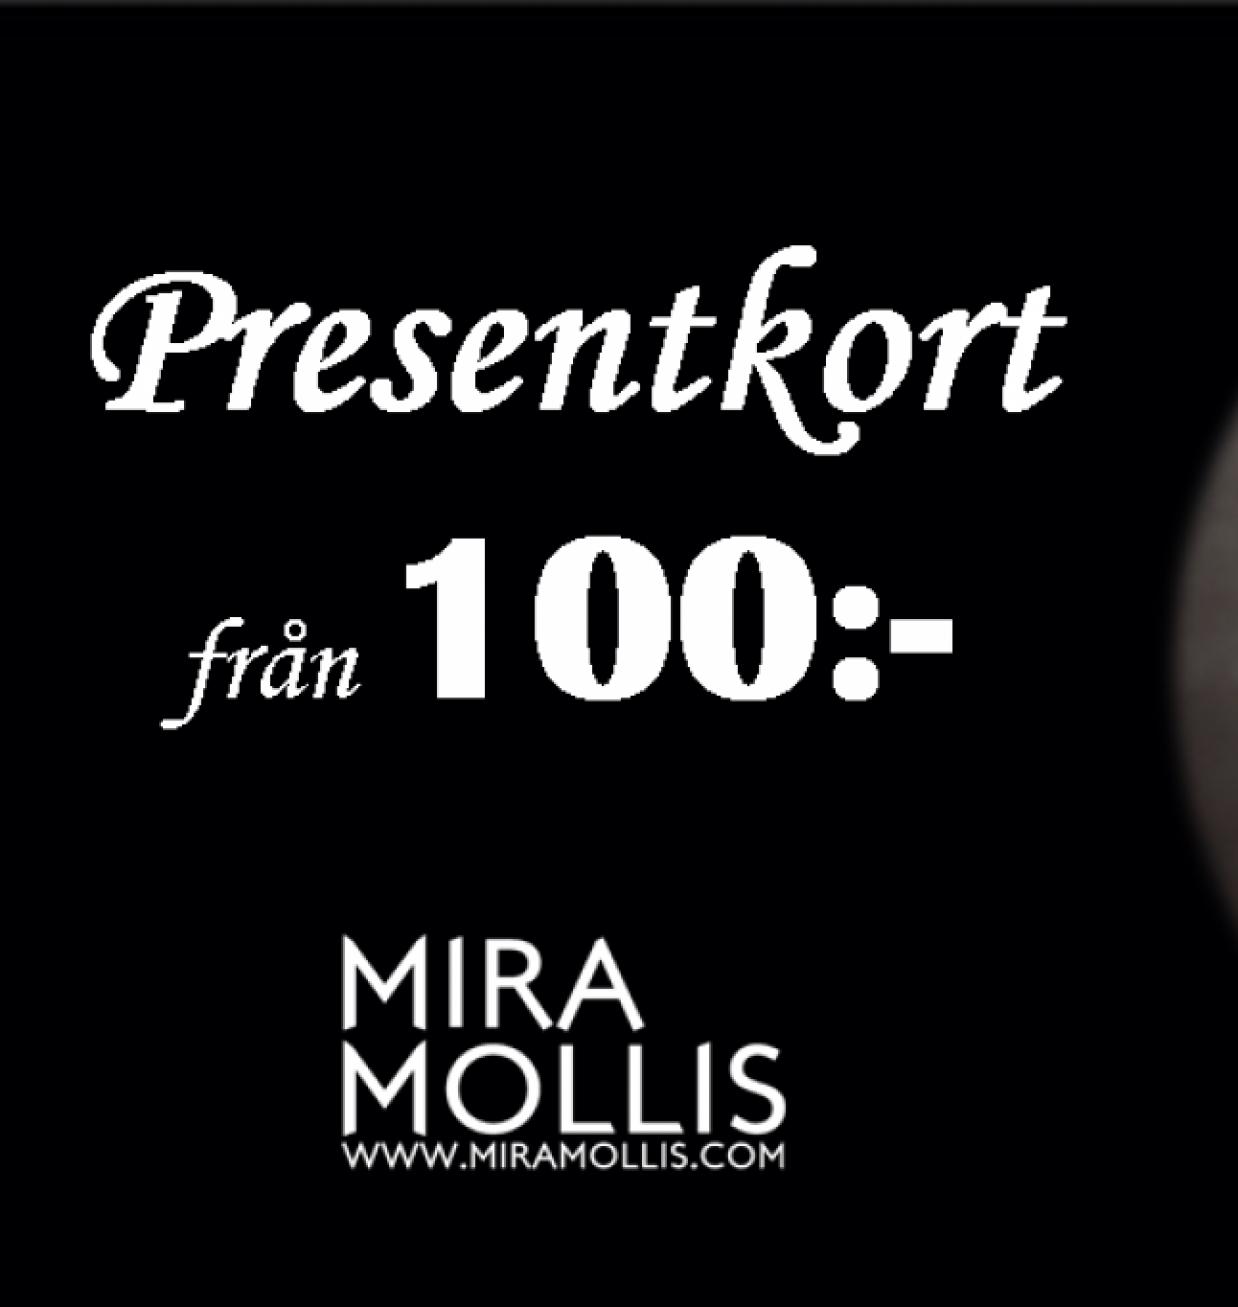 Miramollis Presentkort